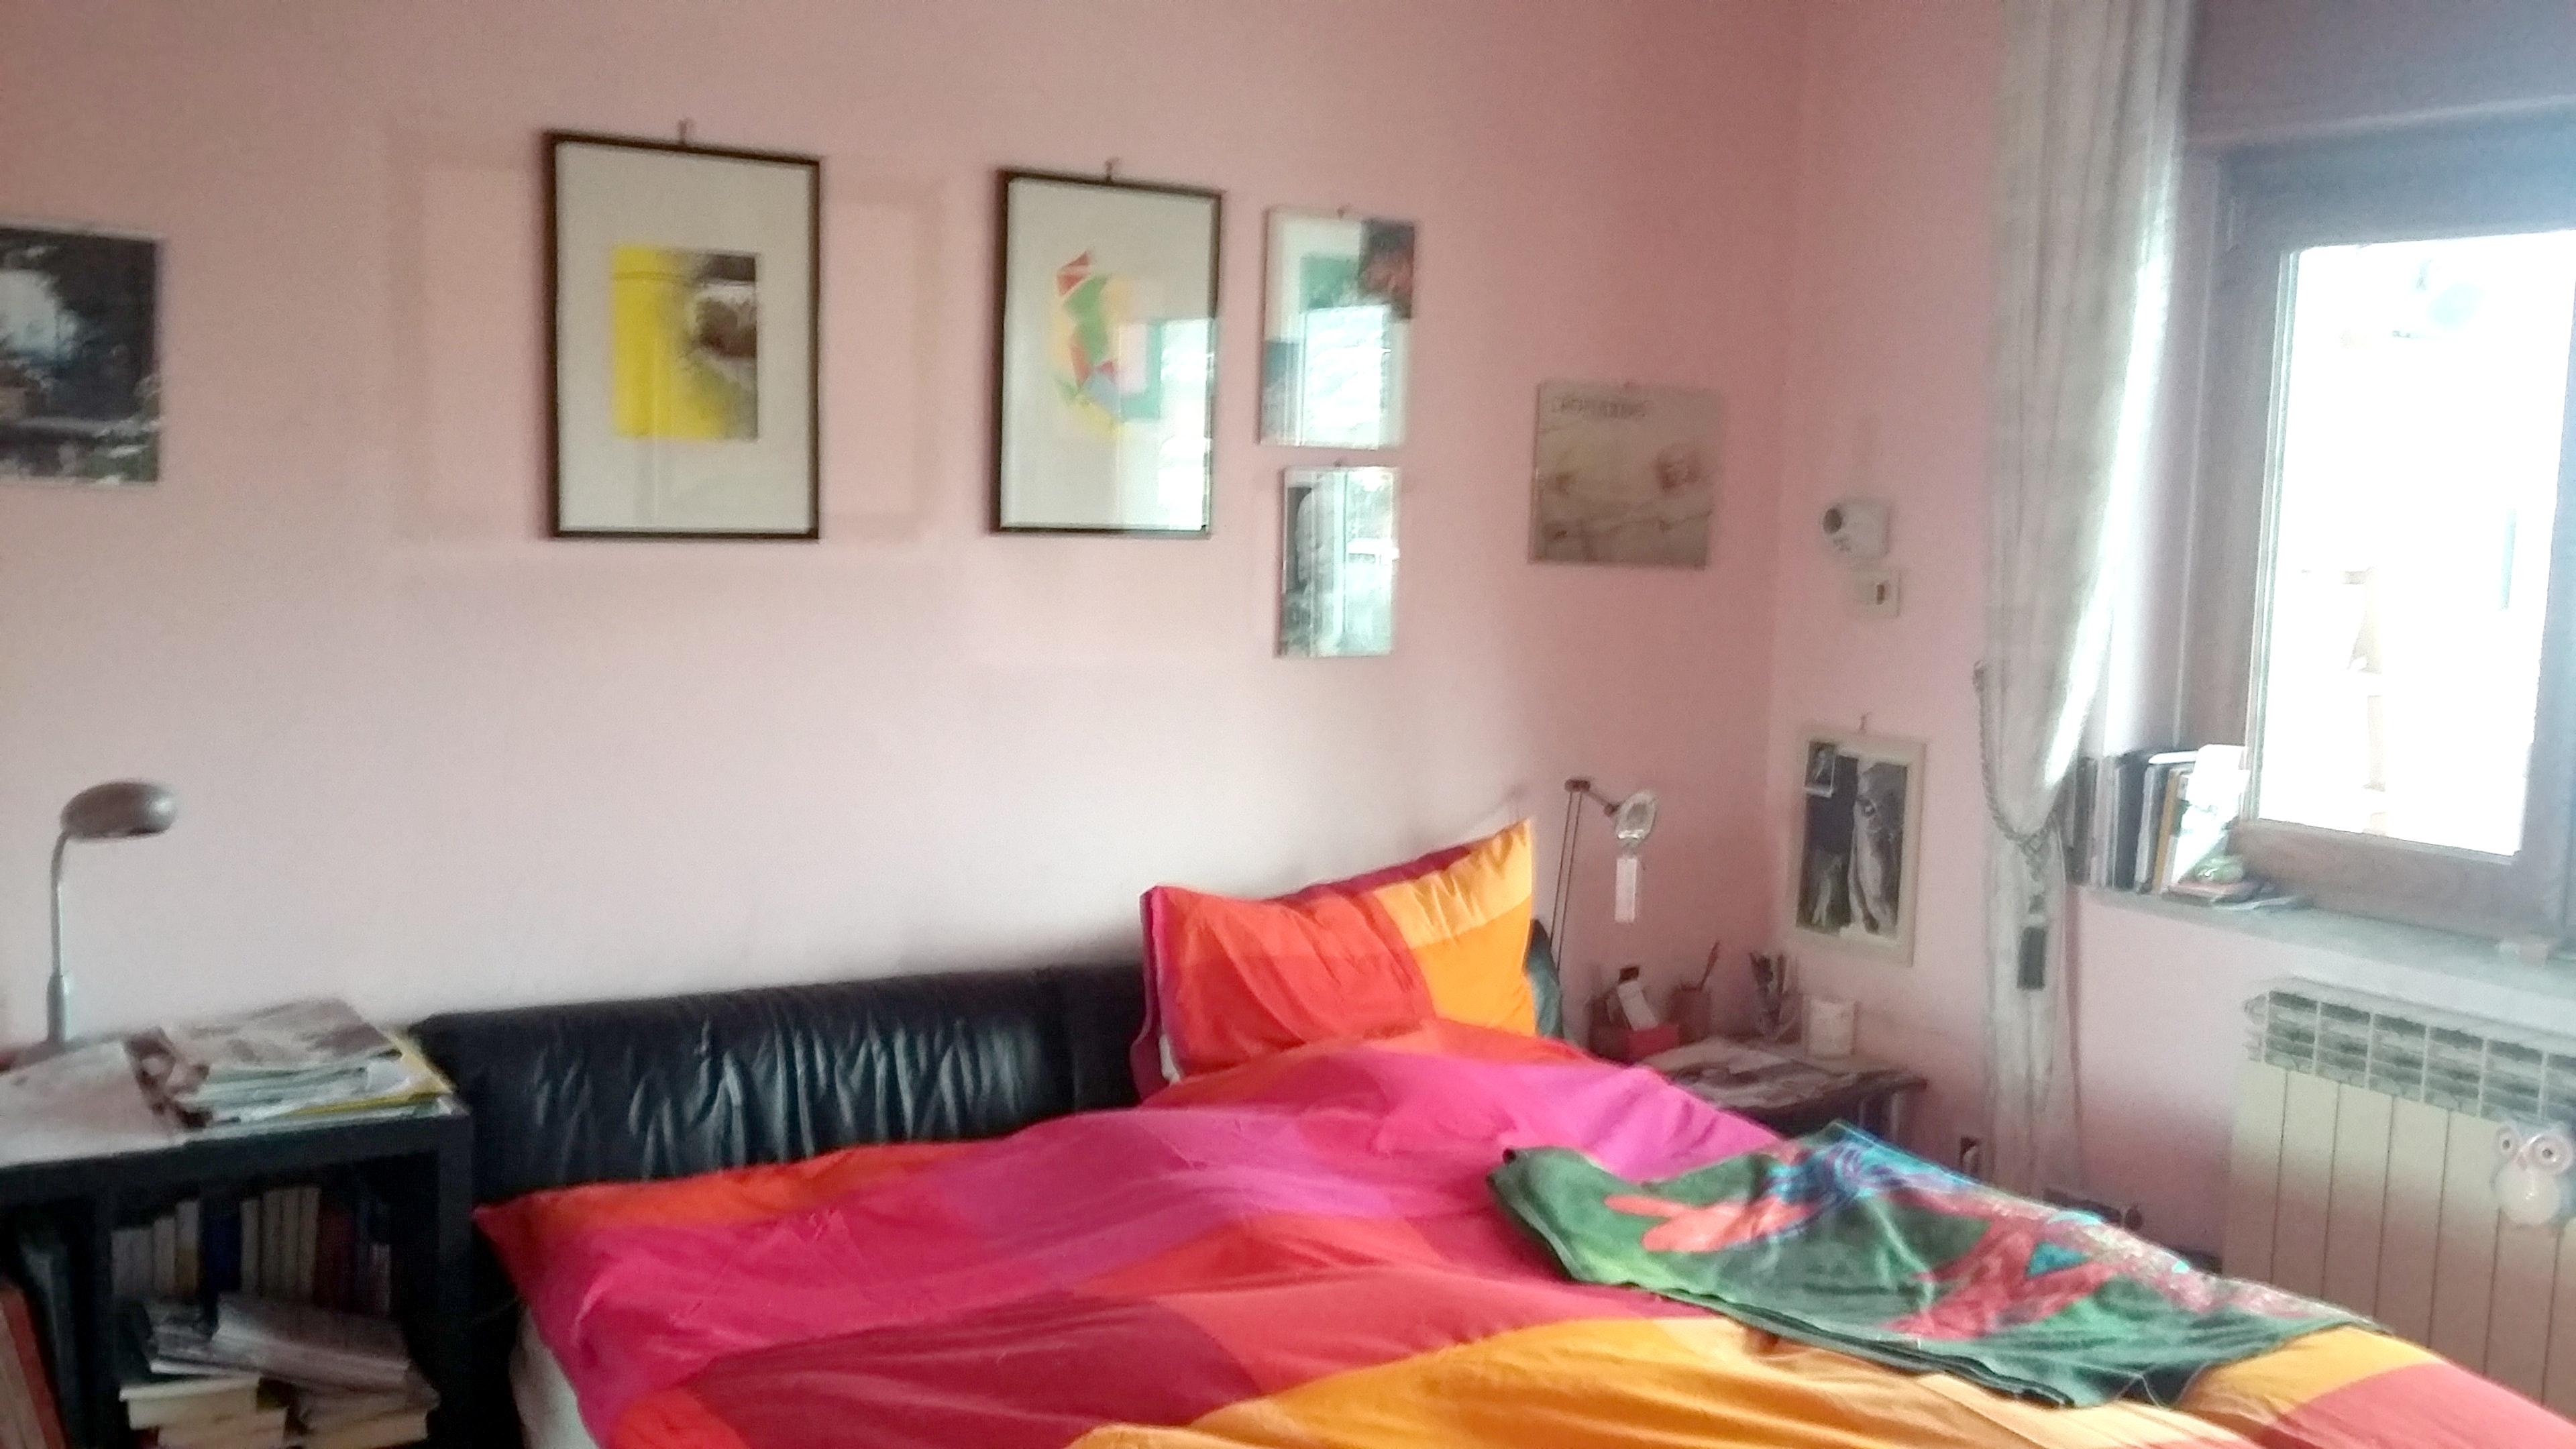 Ferienwohnung Wohnung mit 3 Schlafzimmern in Angri mit schöner Aussicht auf die Stadt und möbliertem Bal (2557376), Angri, Salerno, Kampanien, Italien, Bild 13